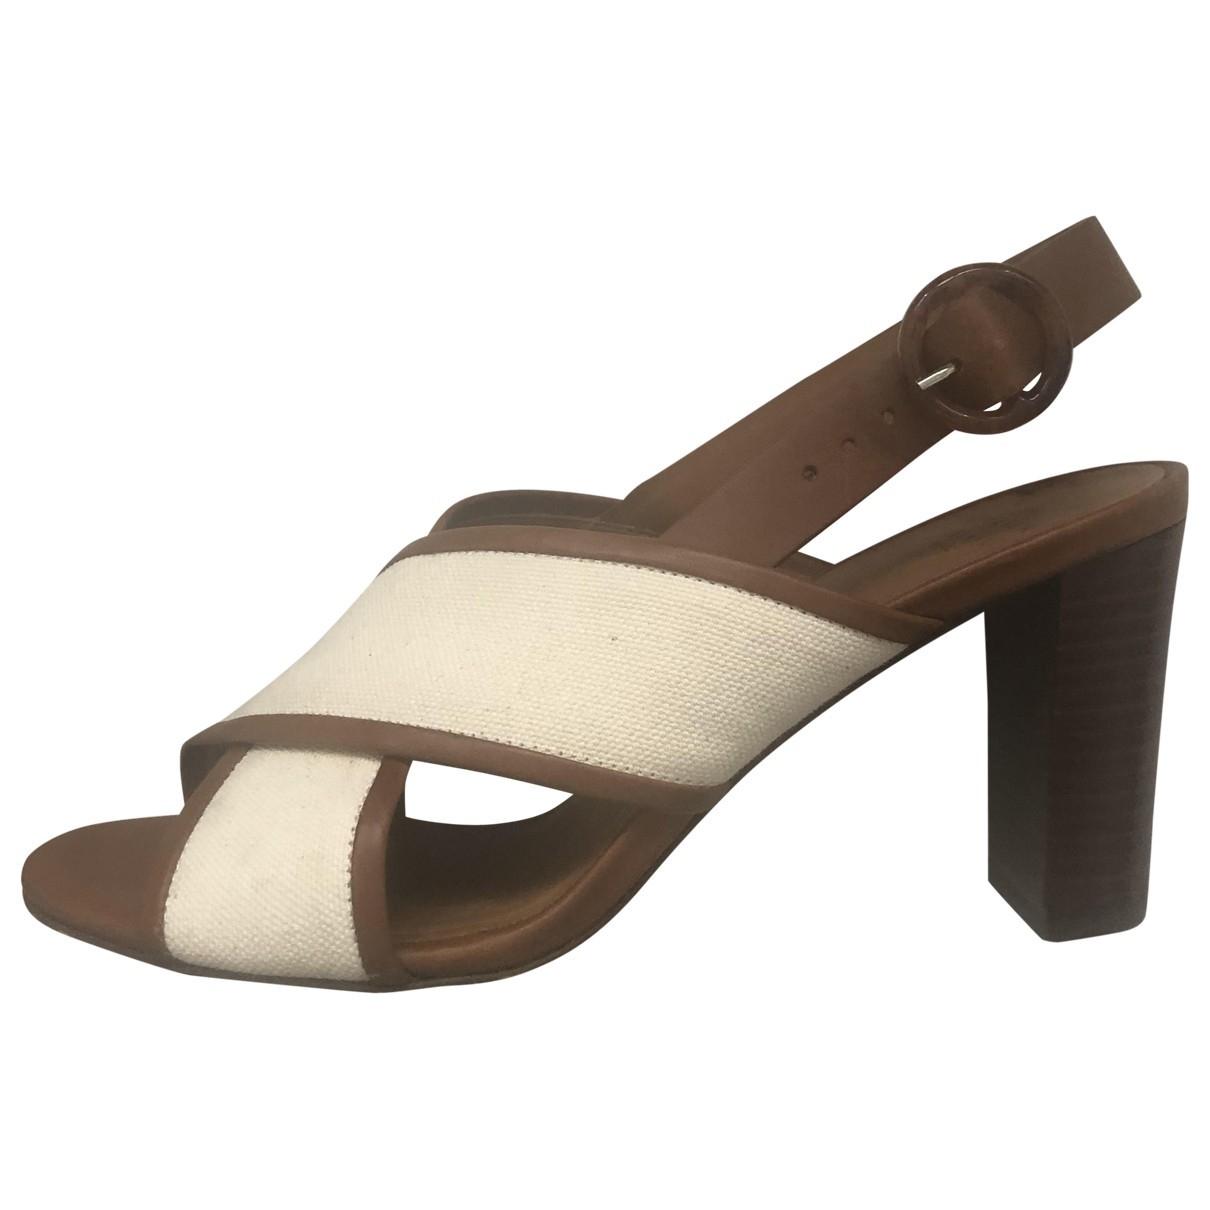 Sezane \N Sandalen in  Beige Leder